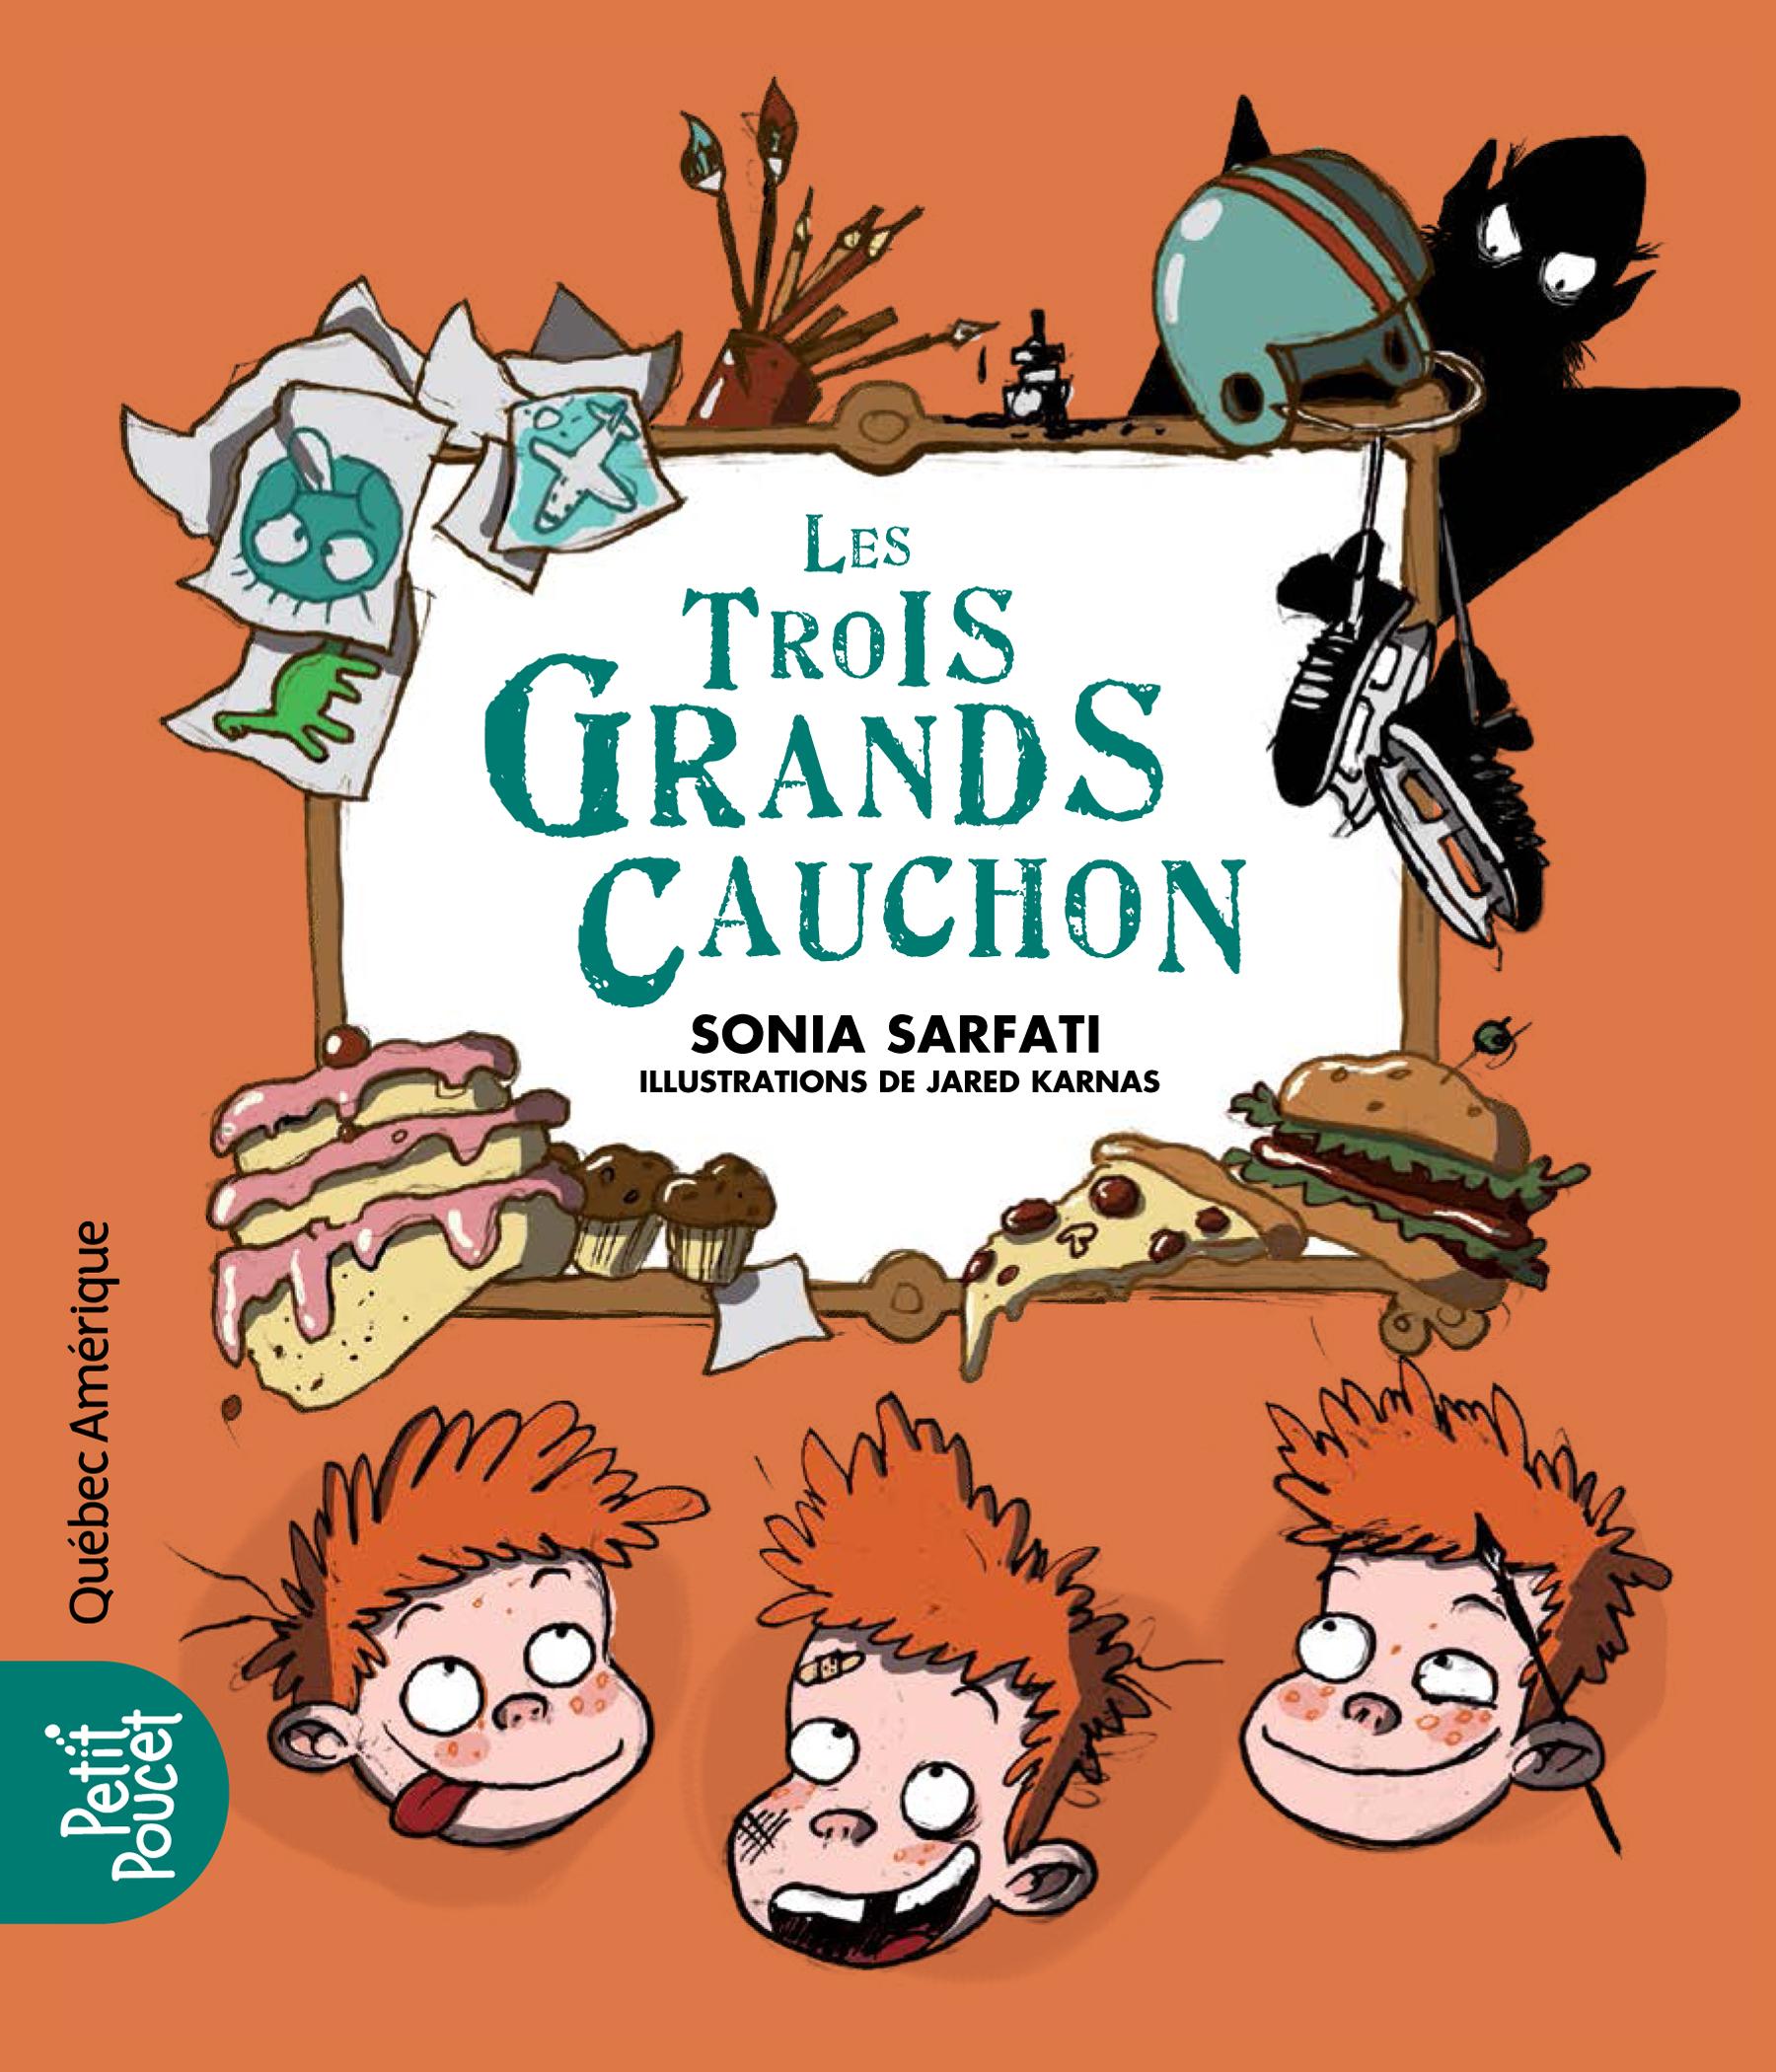 Les Trois Grands Cauchon